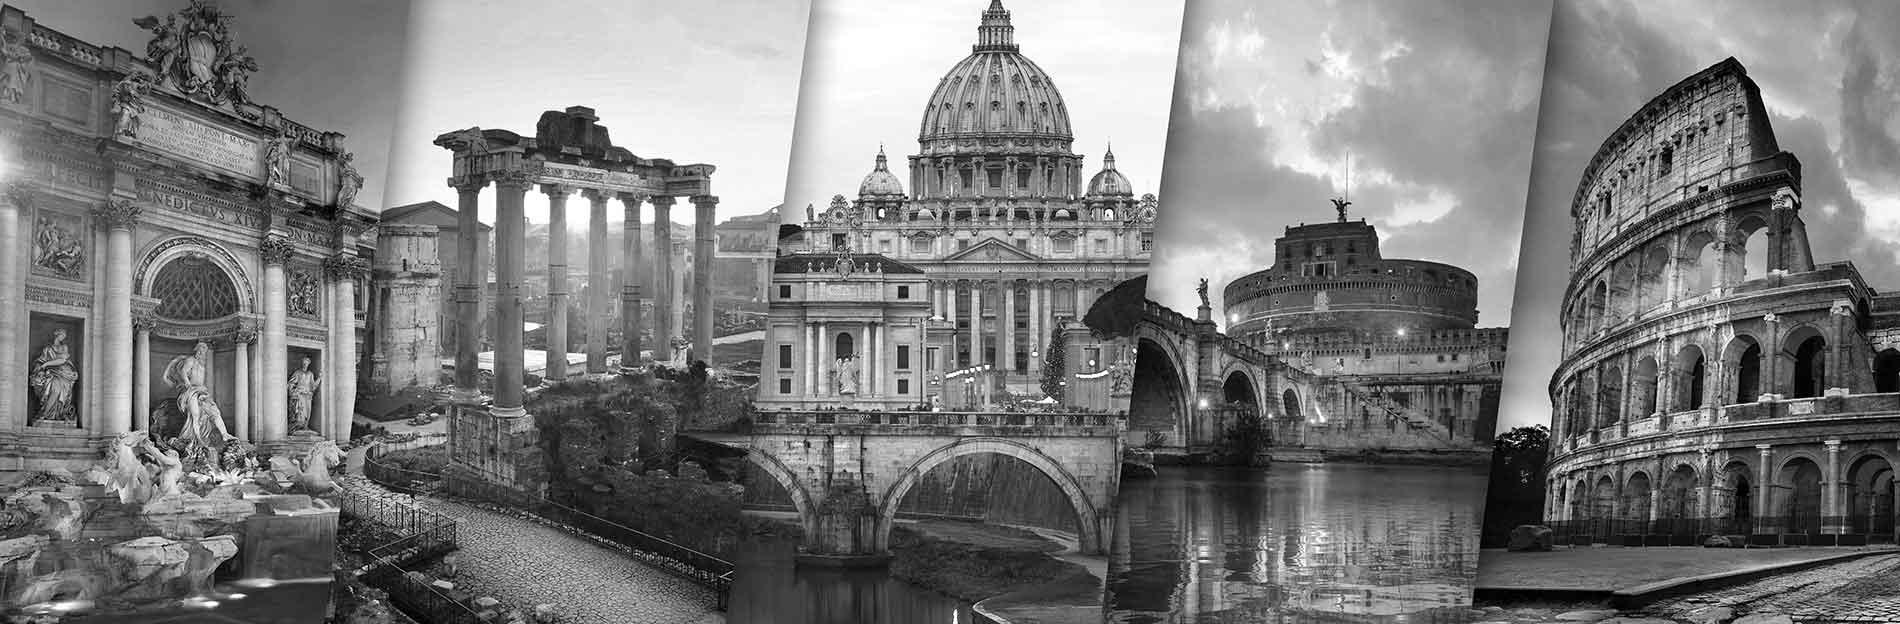 Bildekollasje av Italia i svart/hvitt